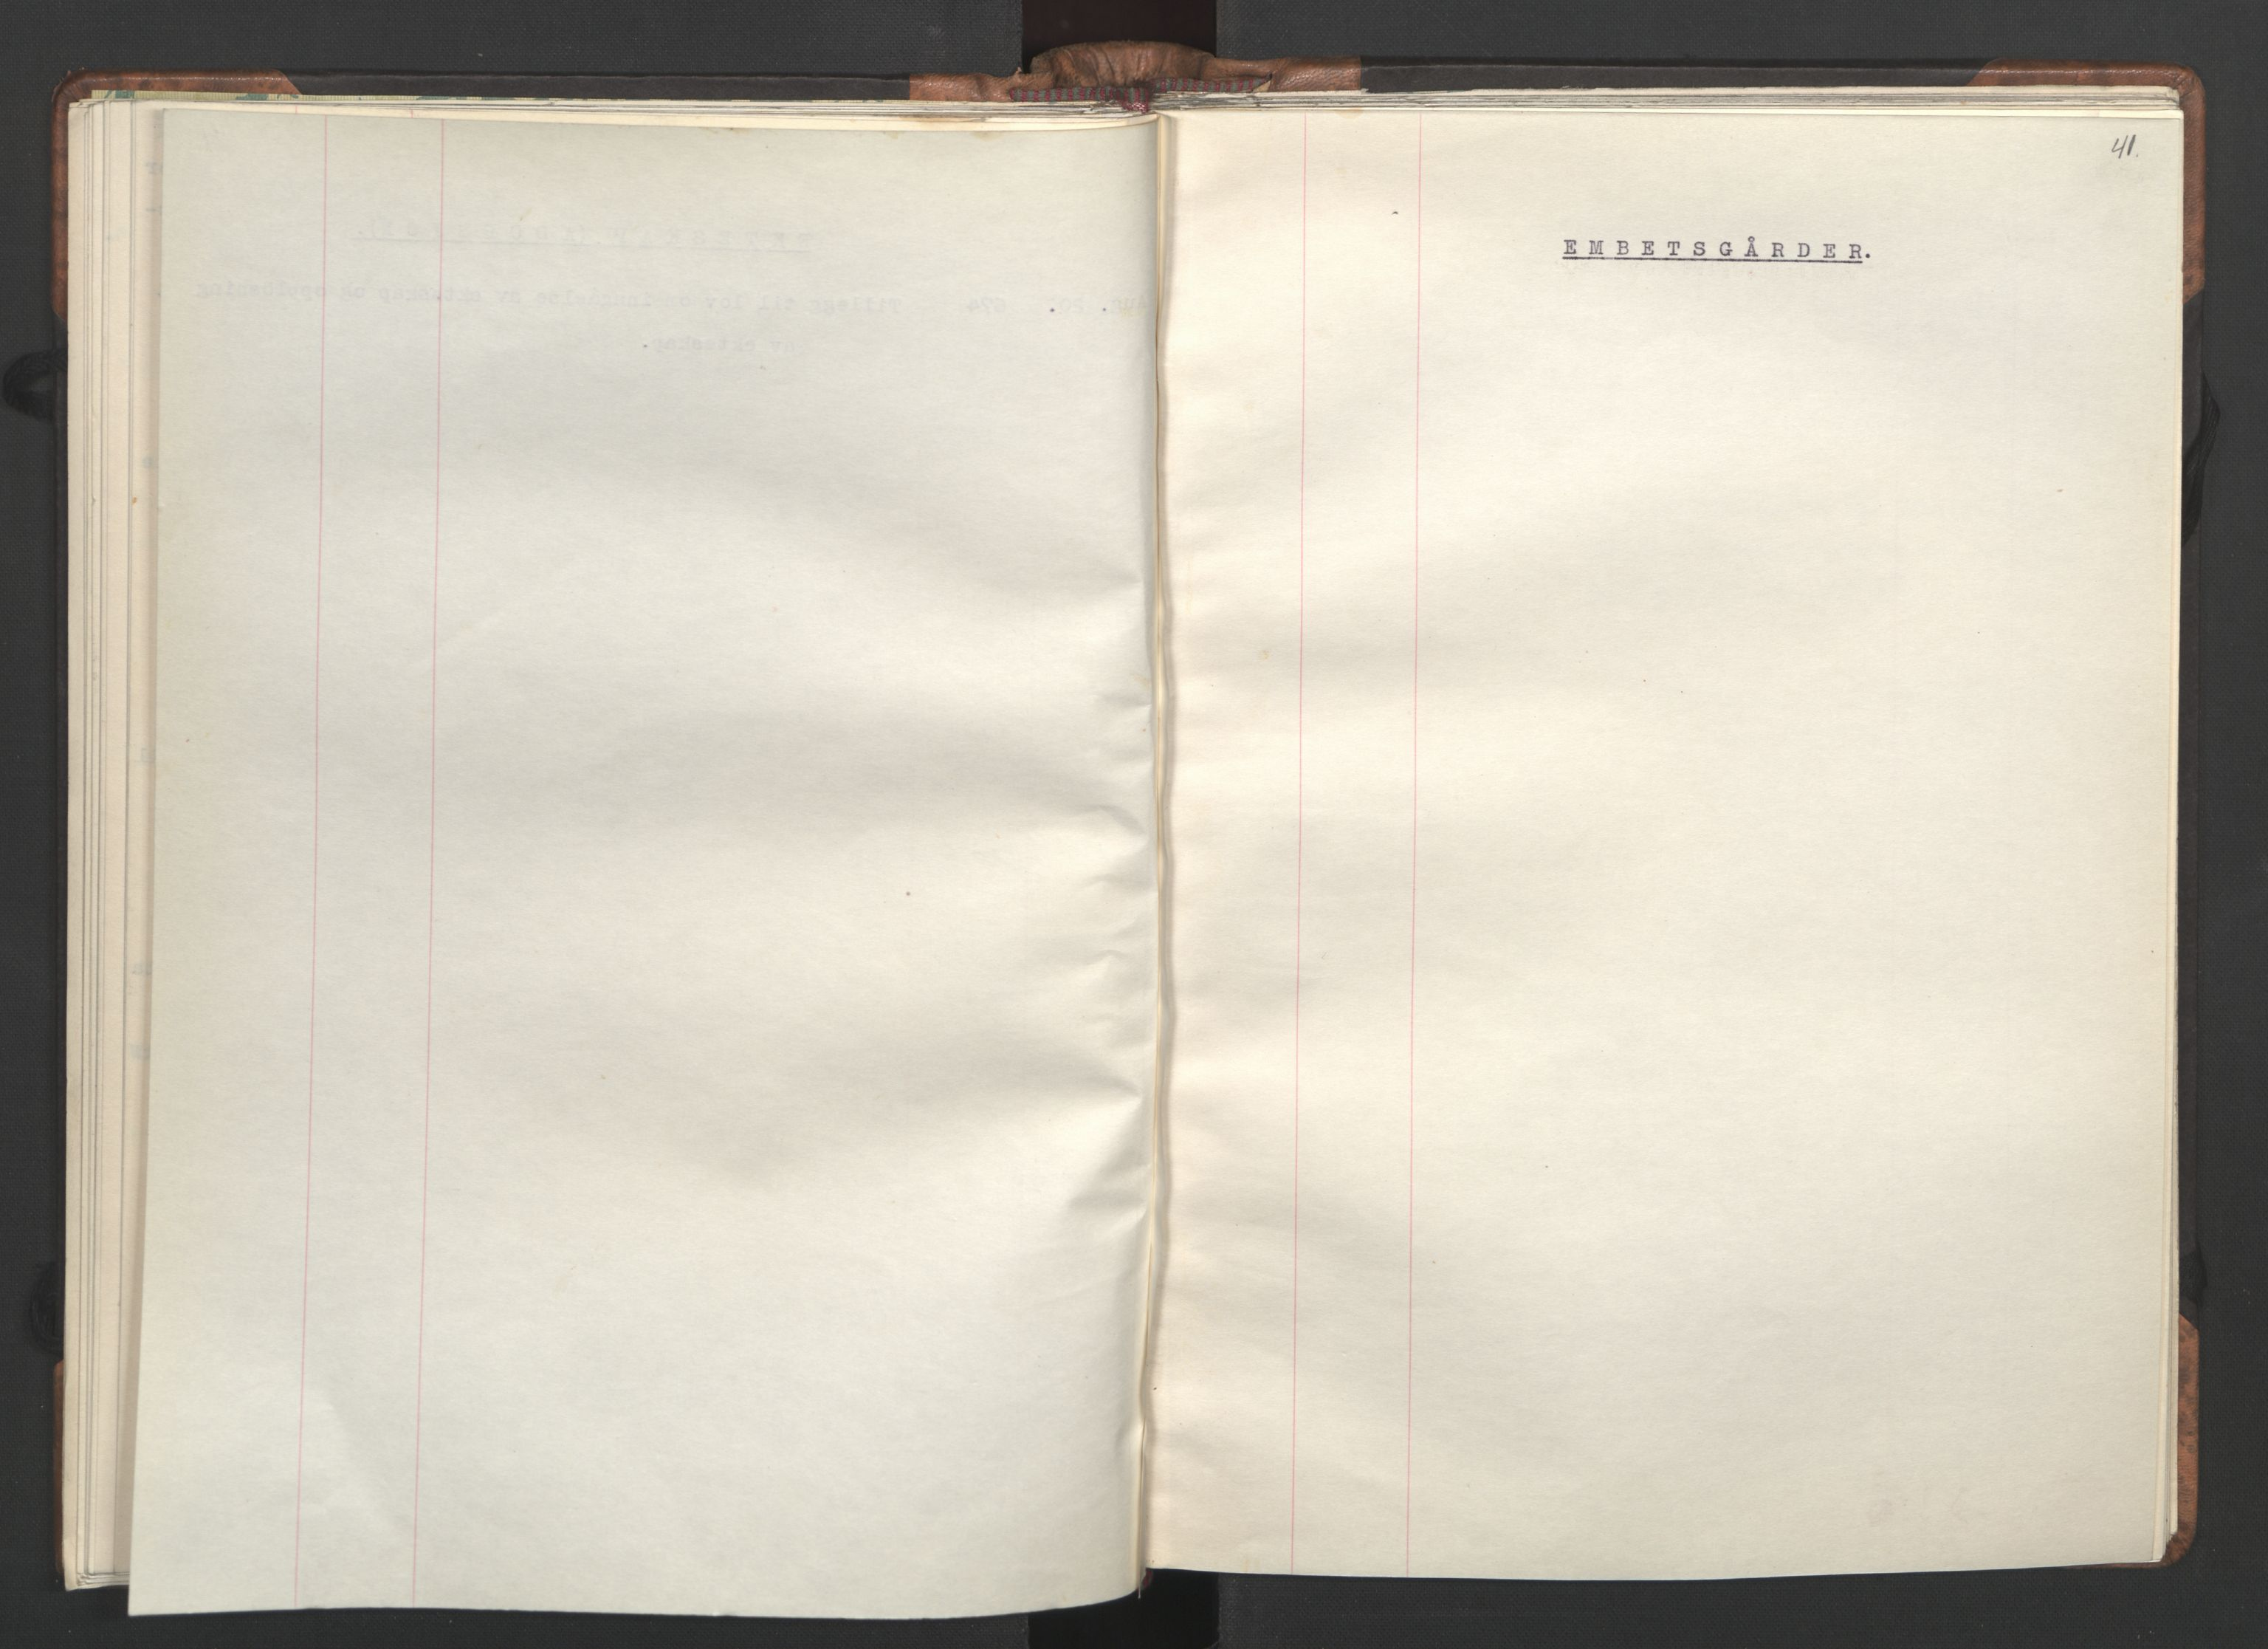 RA, NS-administrasjonen 1940-1945 (Statsrådsekretariatet, de kommisariske statsråder mm), D/Da/L0002: Register (RA j.nr. 985/1943, tilgangsnr. 17/1943), 1942, s. 40b-41a